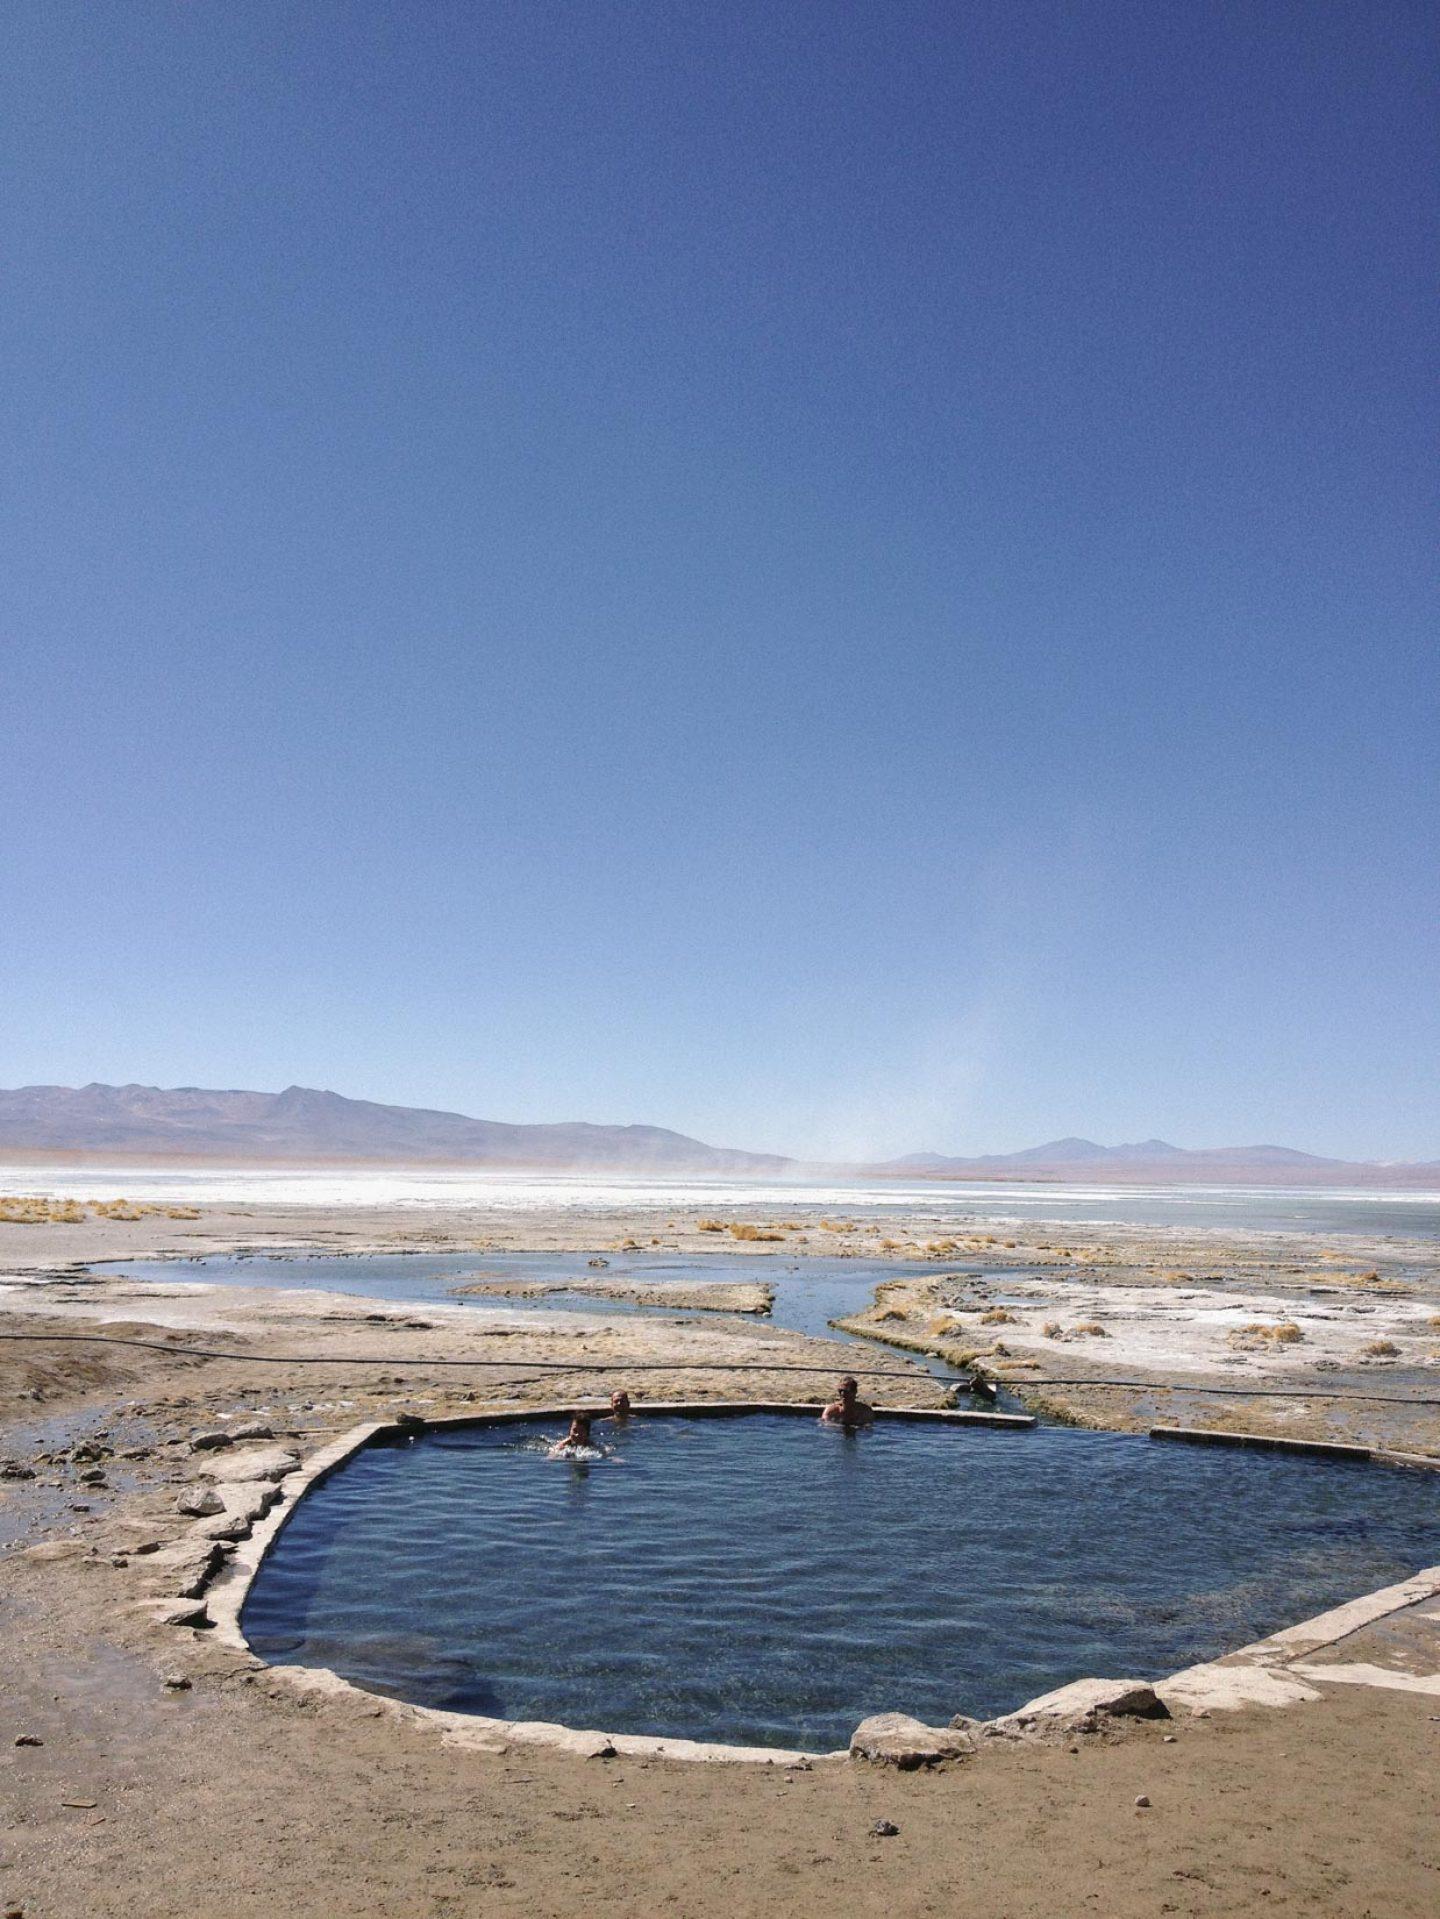 iGNANT_OnThe Road_Anke_Nunheim_Bolivia-2